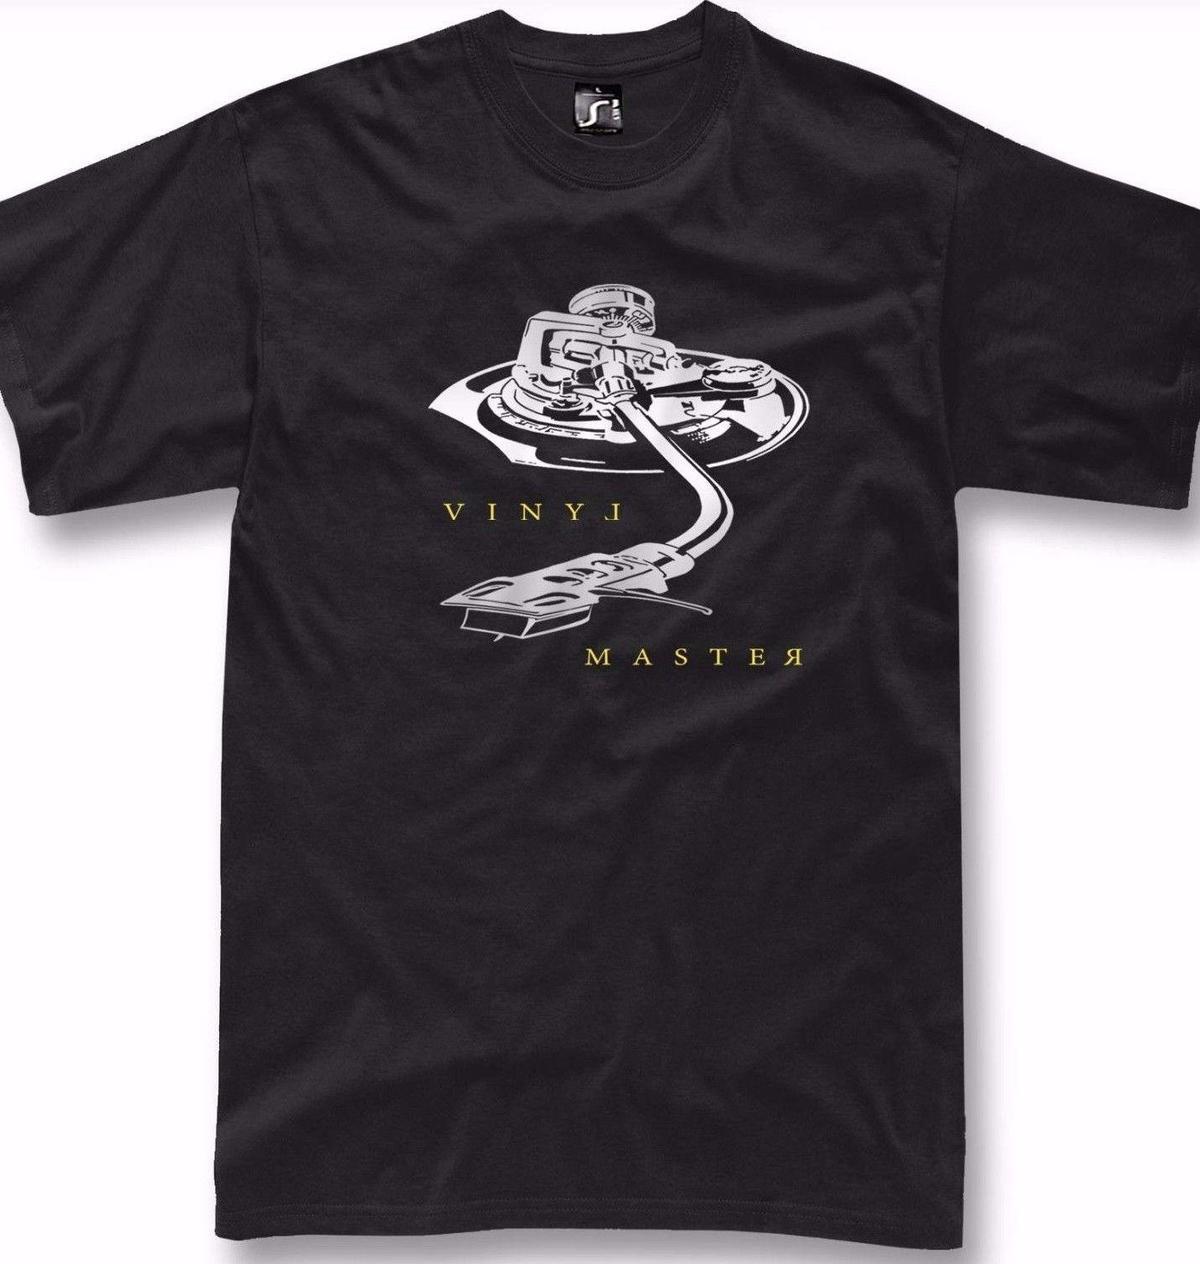 574ebb6d2a Compre DJ Camiseta Retro Vinyl Master Technics Hip Hop Rap Deejay Regalo  Camiseta Tonearm A  12.08 Del Amesion48